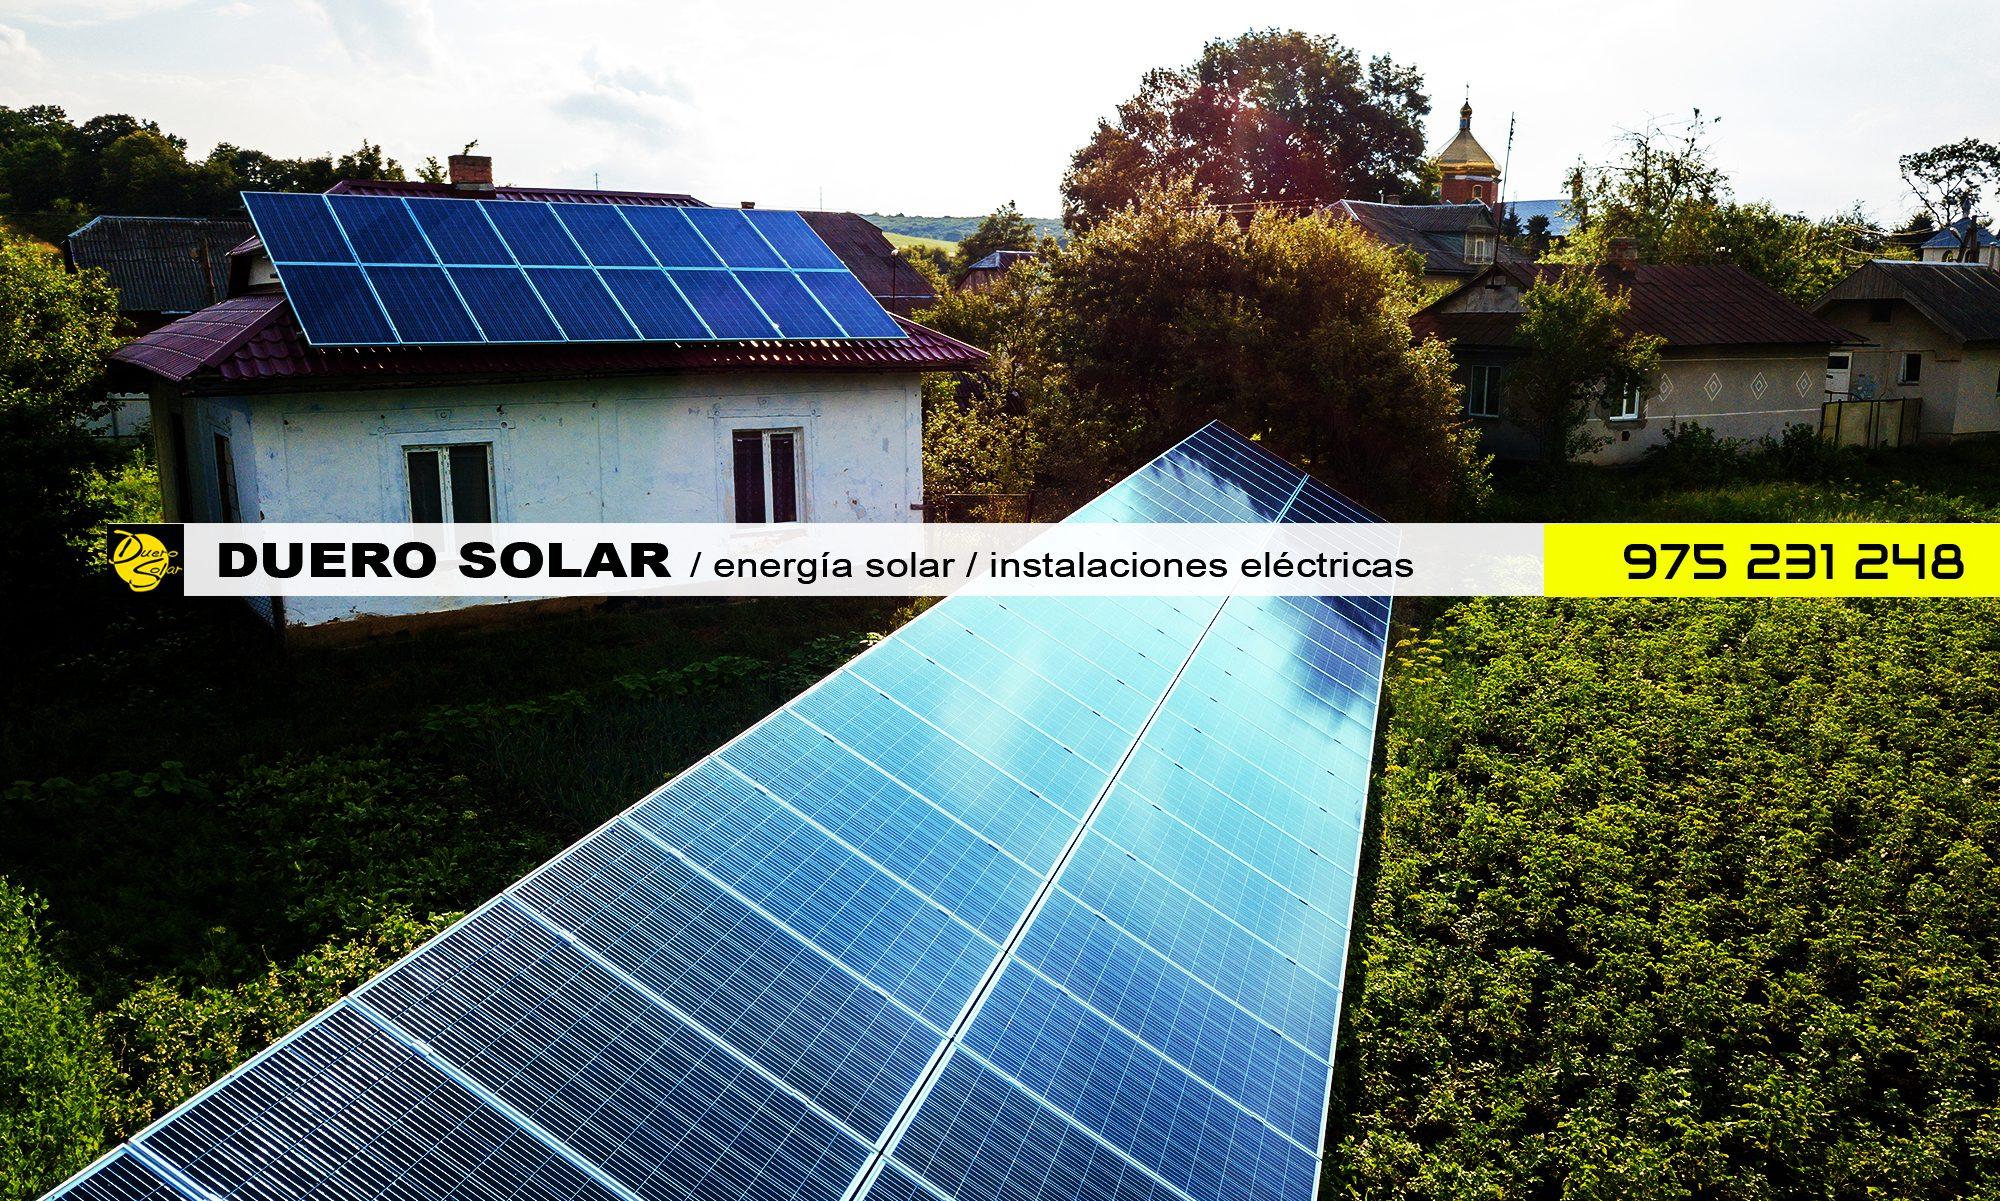 DUERO SOLAR / energía solar / instalaciones eléctricas